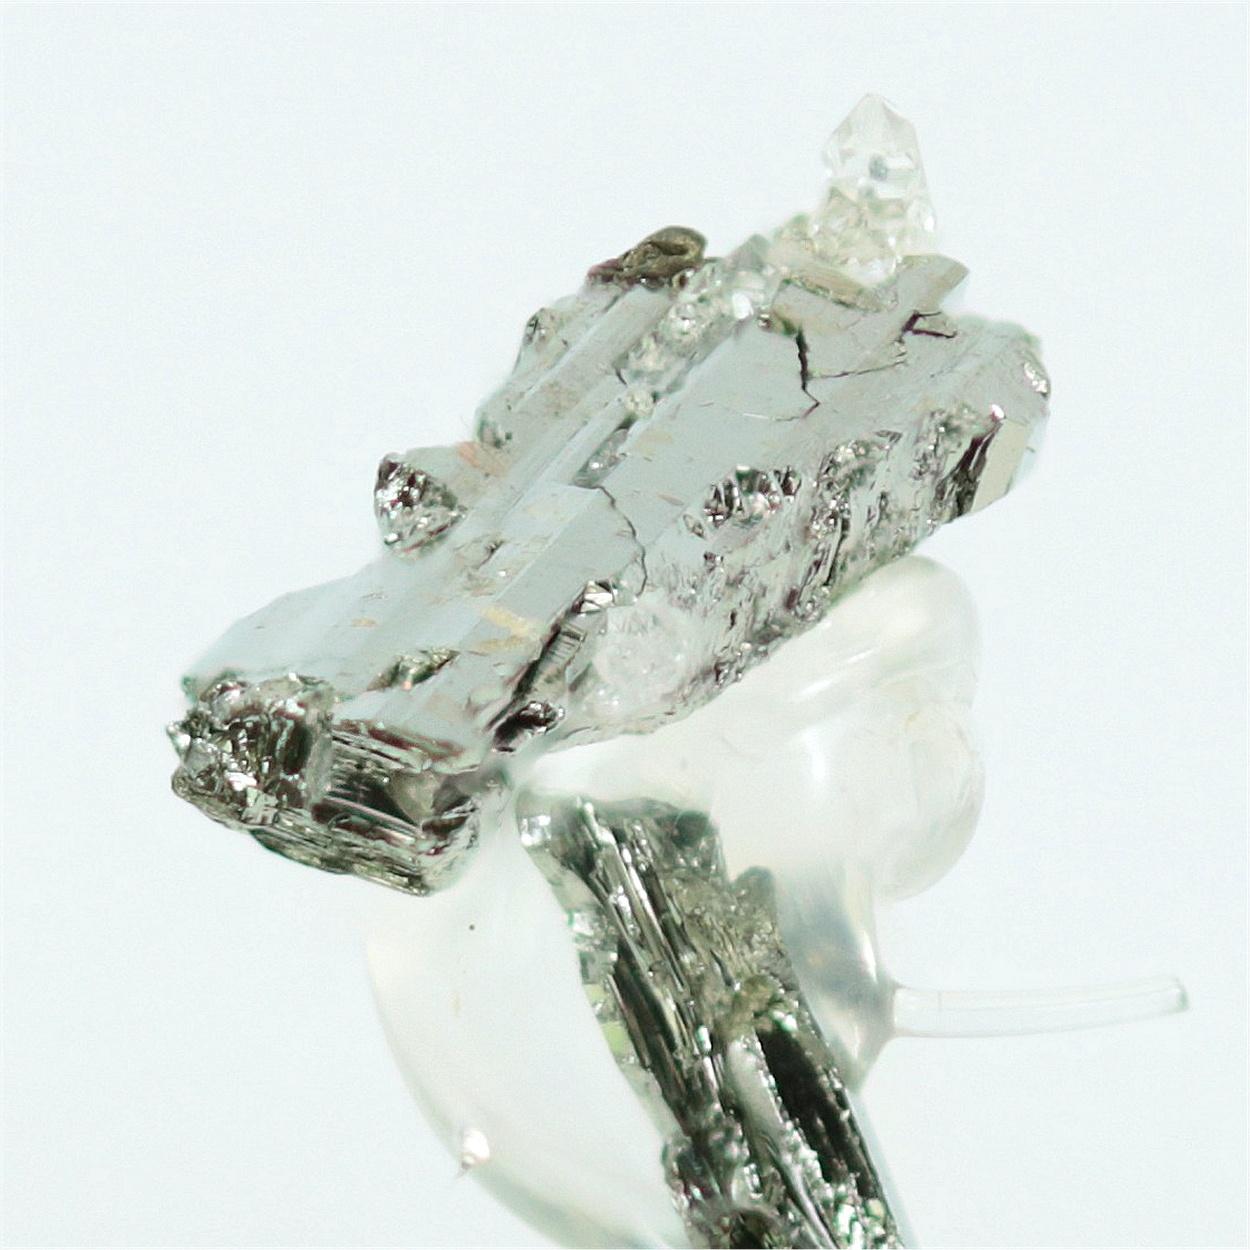 Sylvanite With Native Tellurium